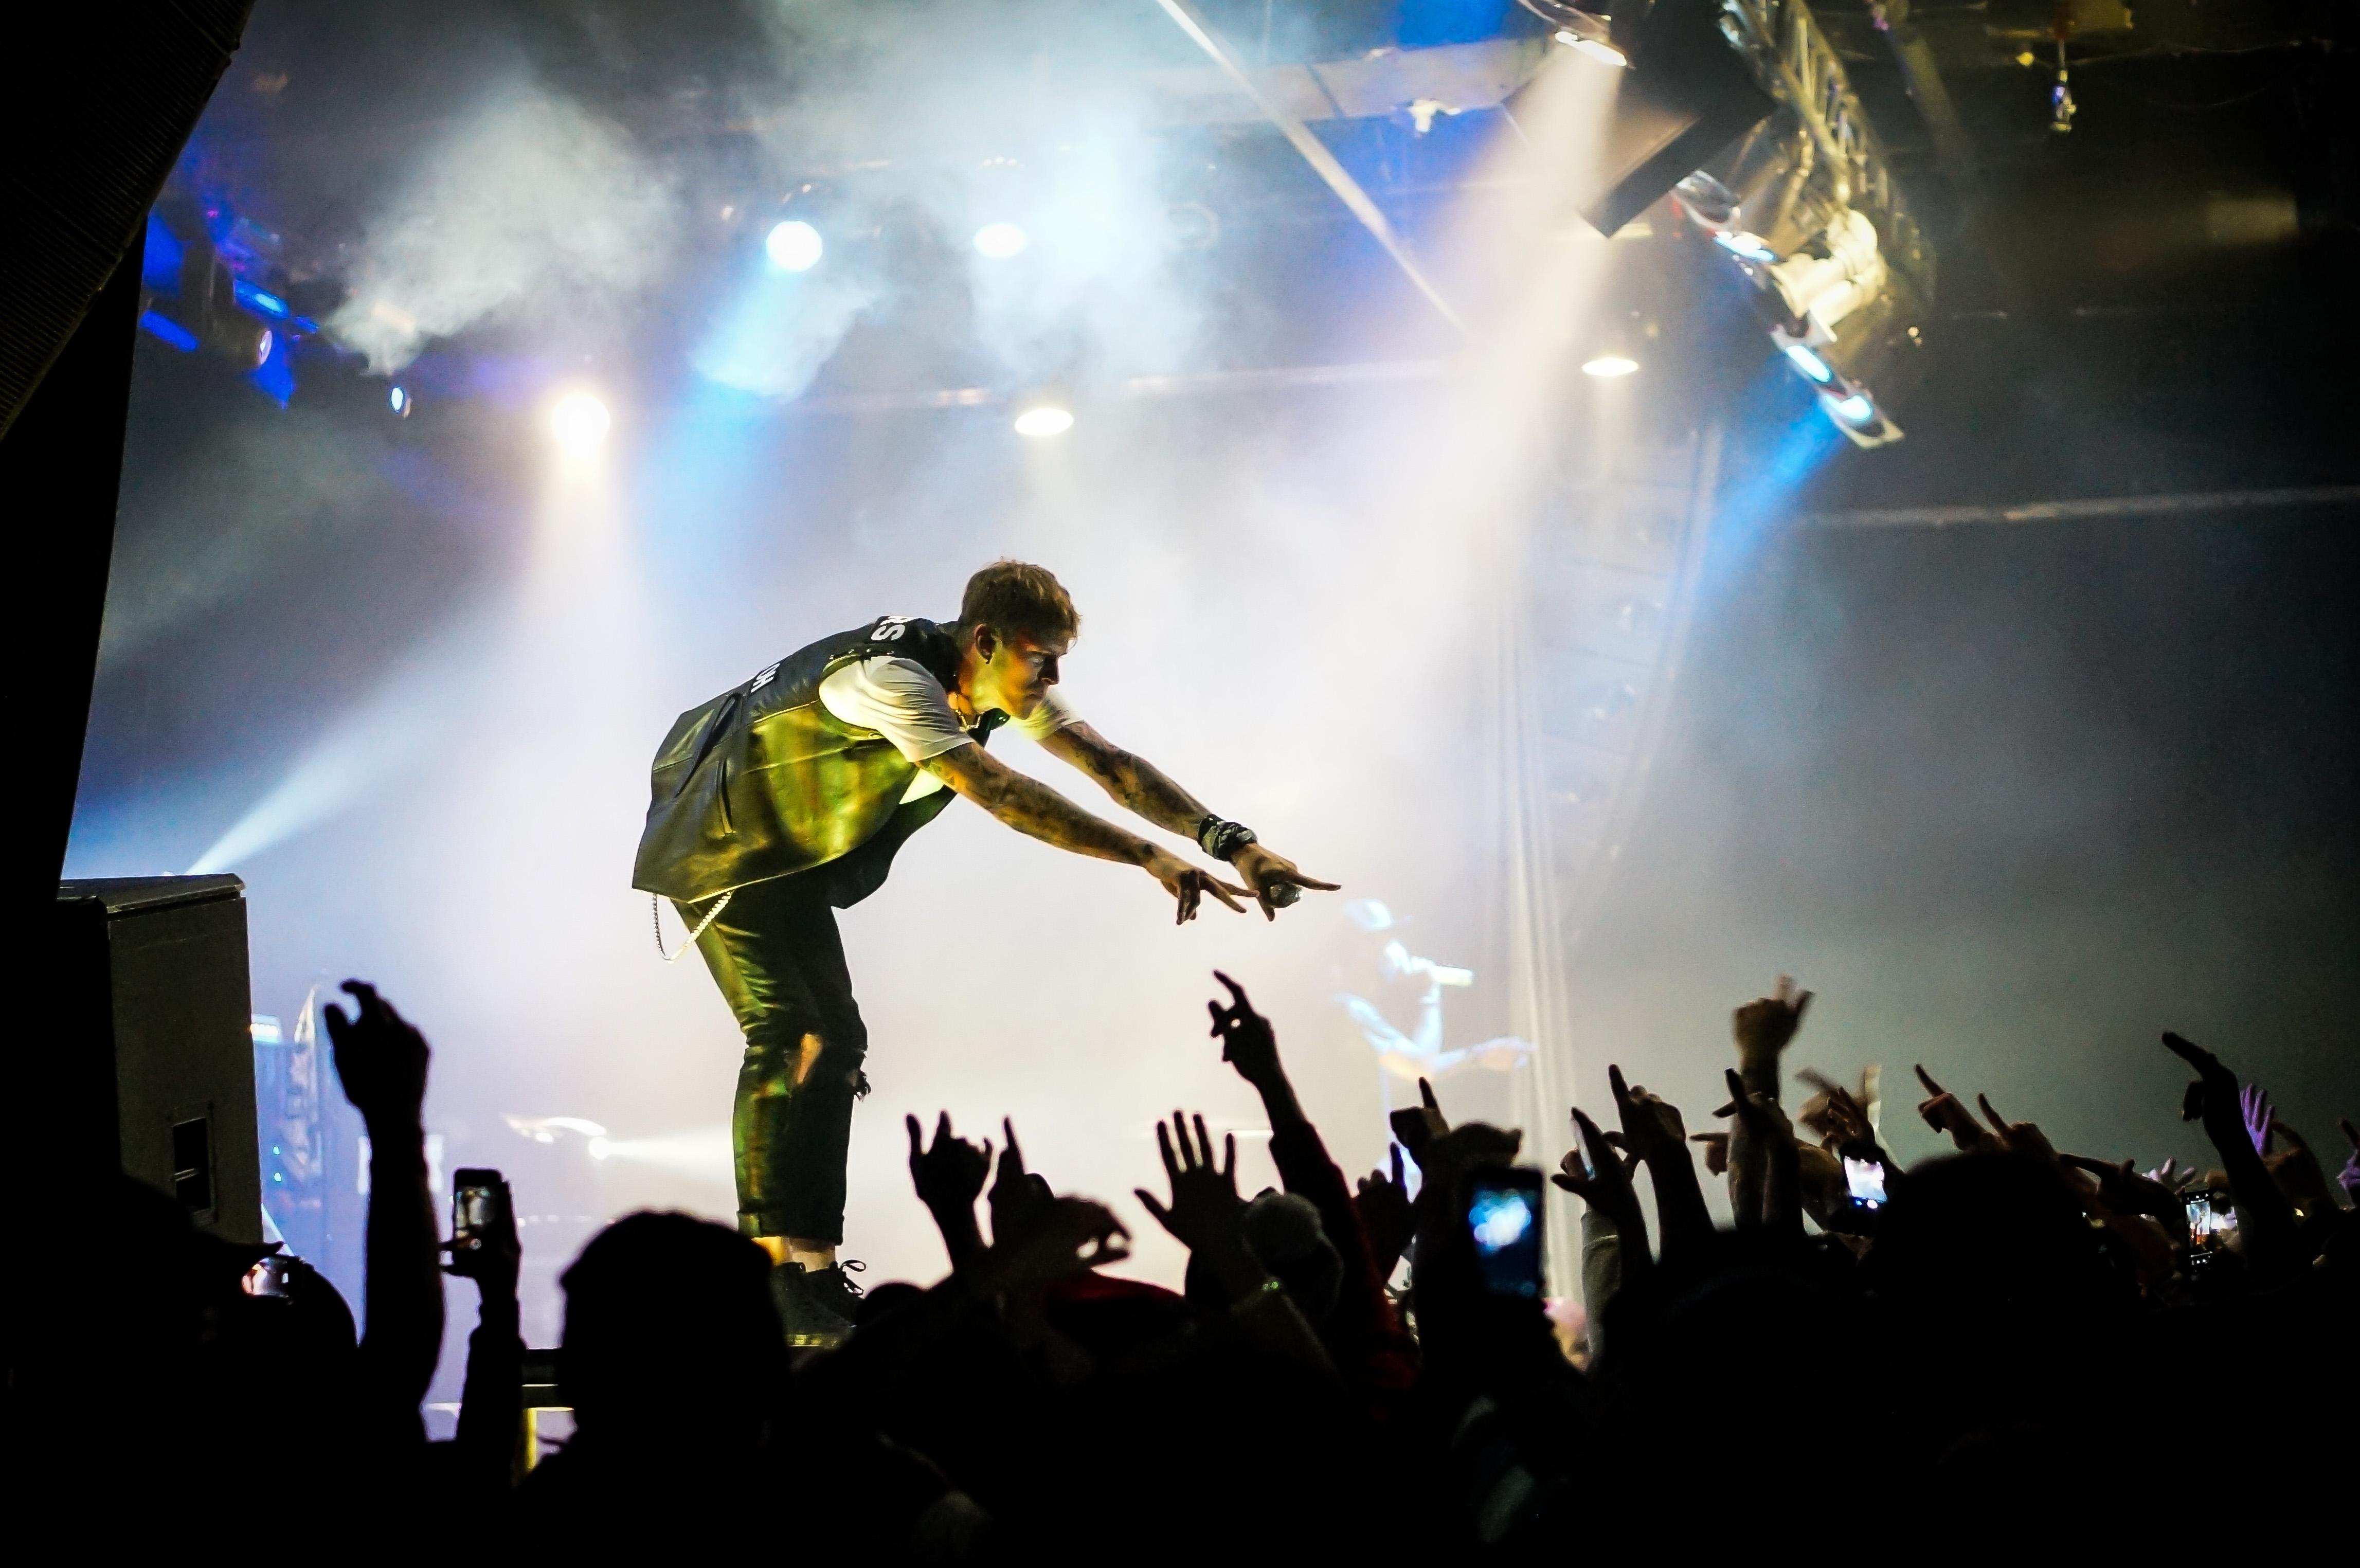 Machine Gun Kelly @ Kool Haus (Raging With Reindeer 2 Tour, 2013)